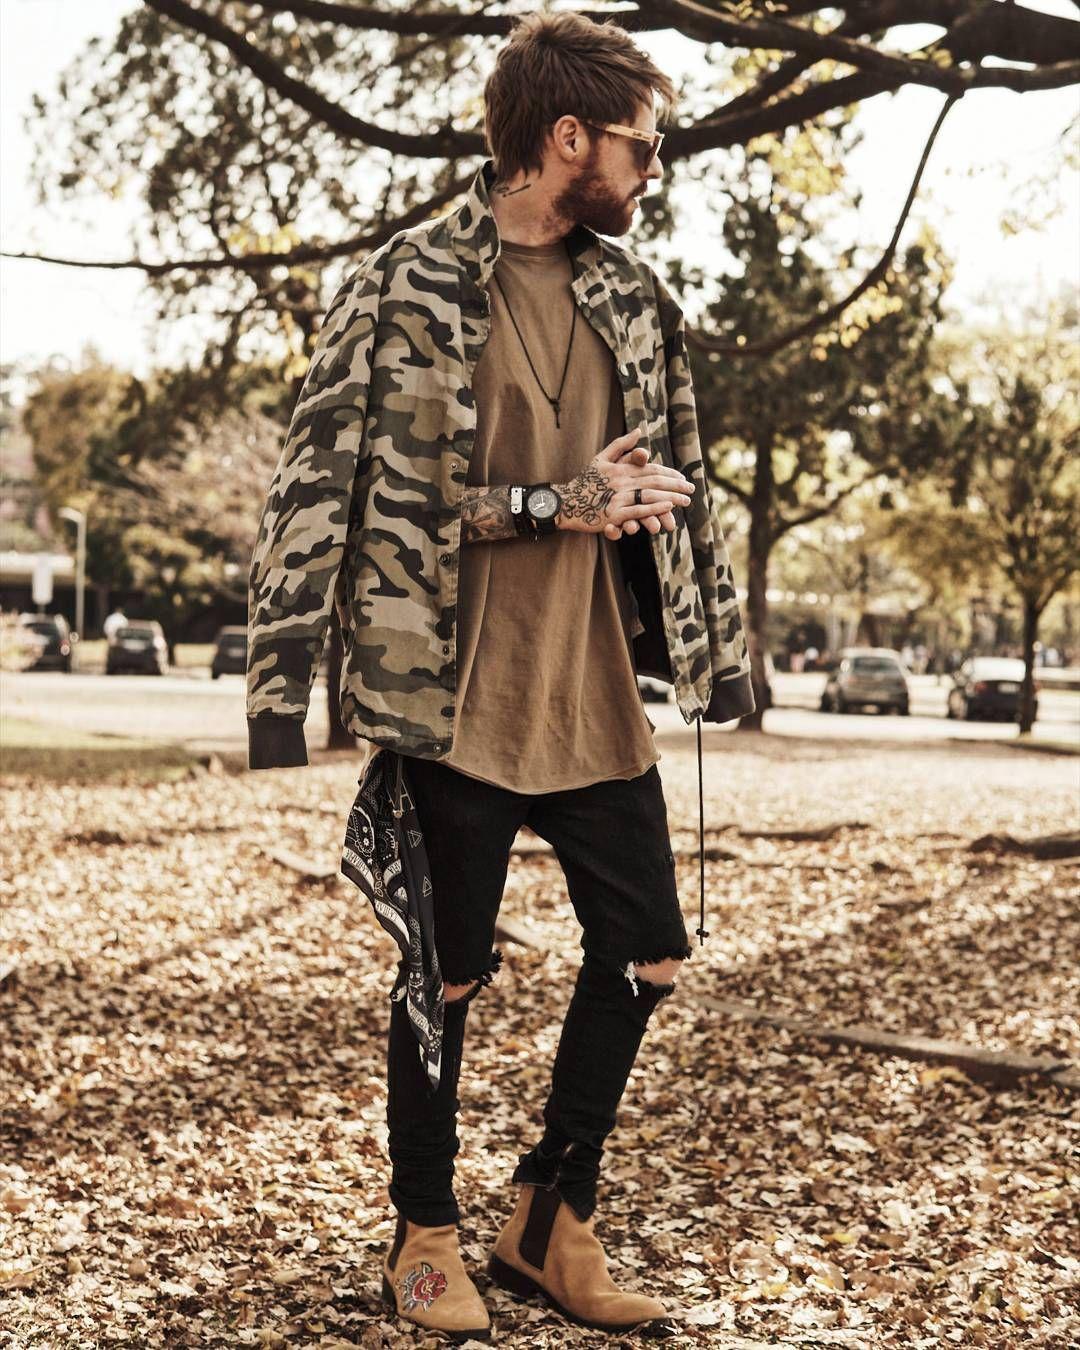 03d5e319b9adc Macho Moda - Blog de Moda Masculina: Look Macho Moda: 10 Looks do Coloral  pra Inspirar, Jaqueta Camuflada, Camiseta Oversized Marrom, Calça Jeans  Skinny ...